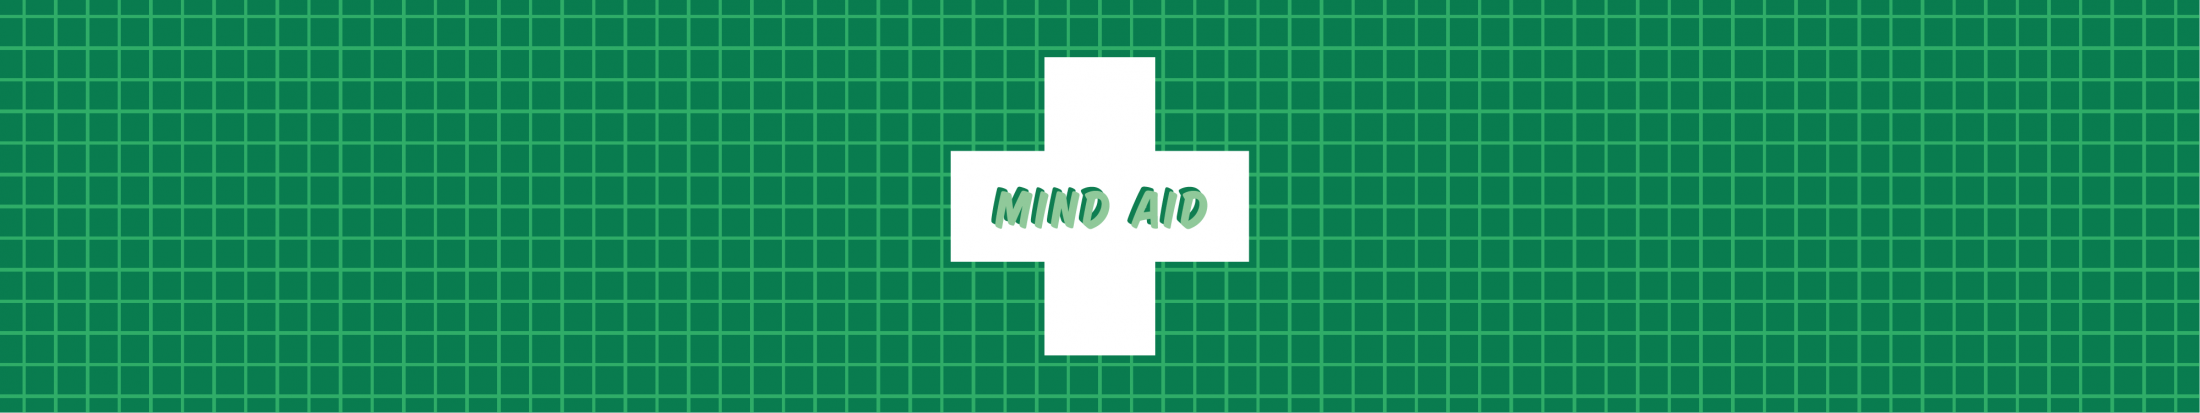 Mind Aid